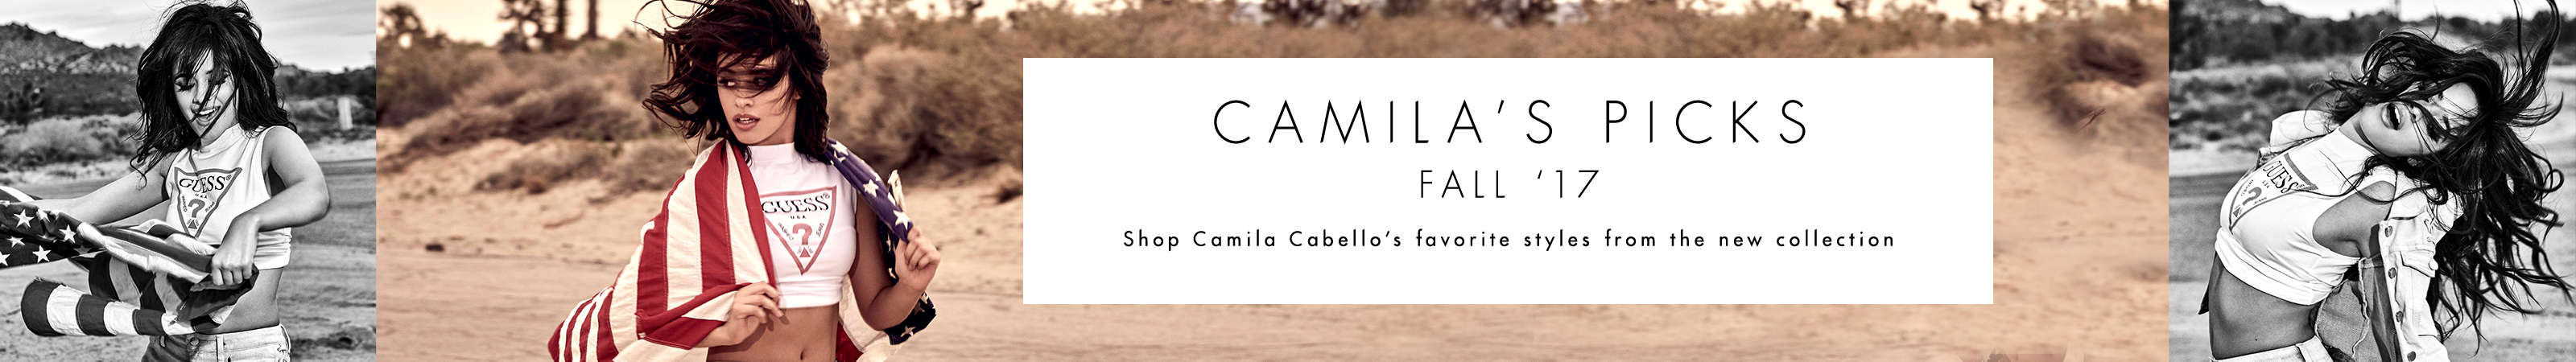 Camila's Picks